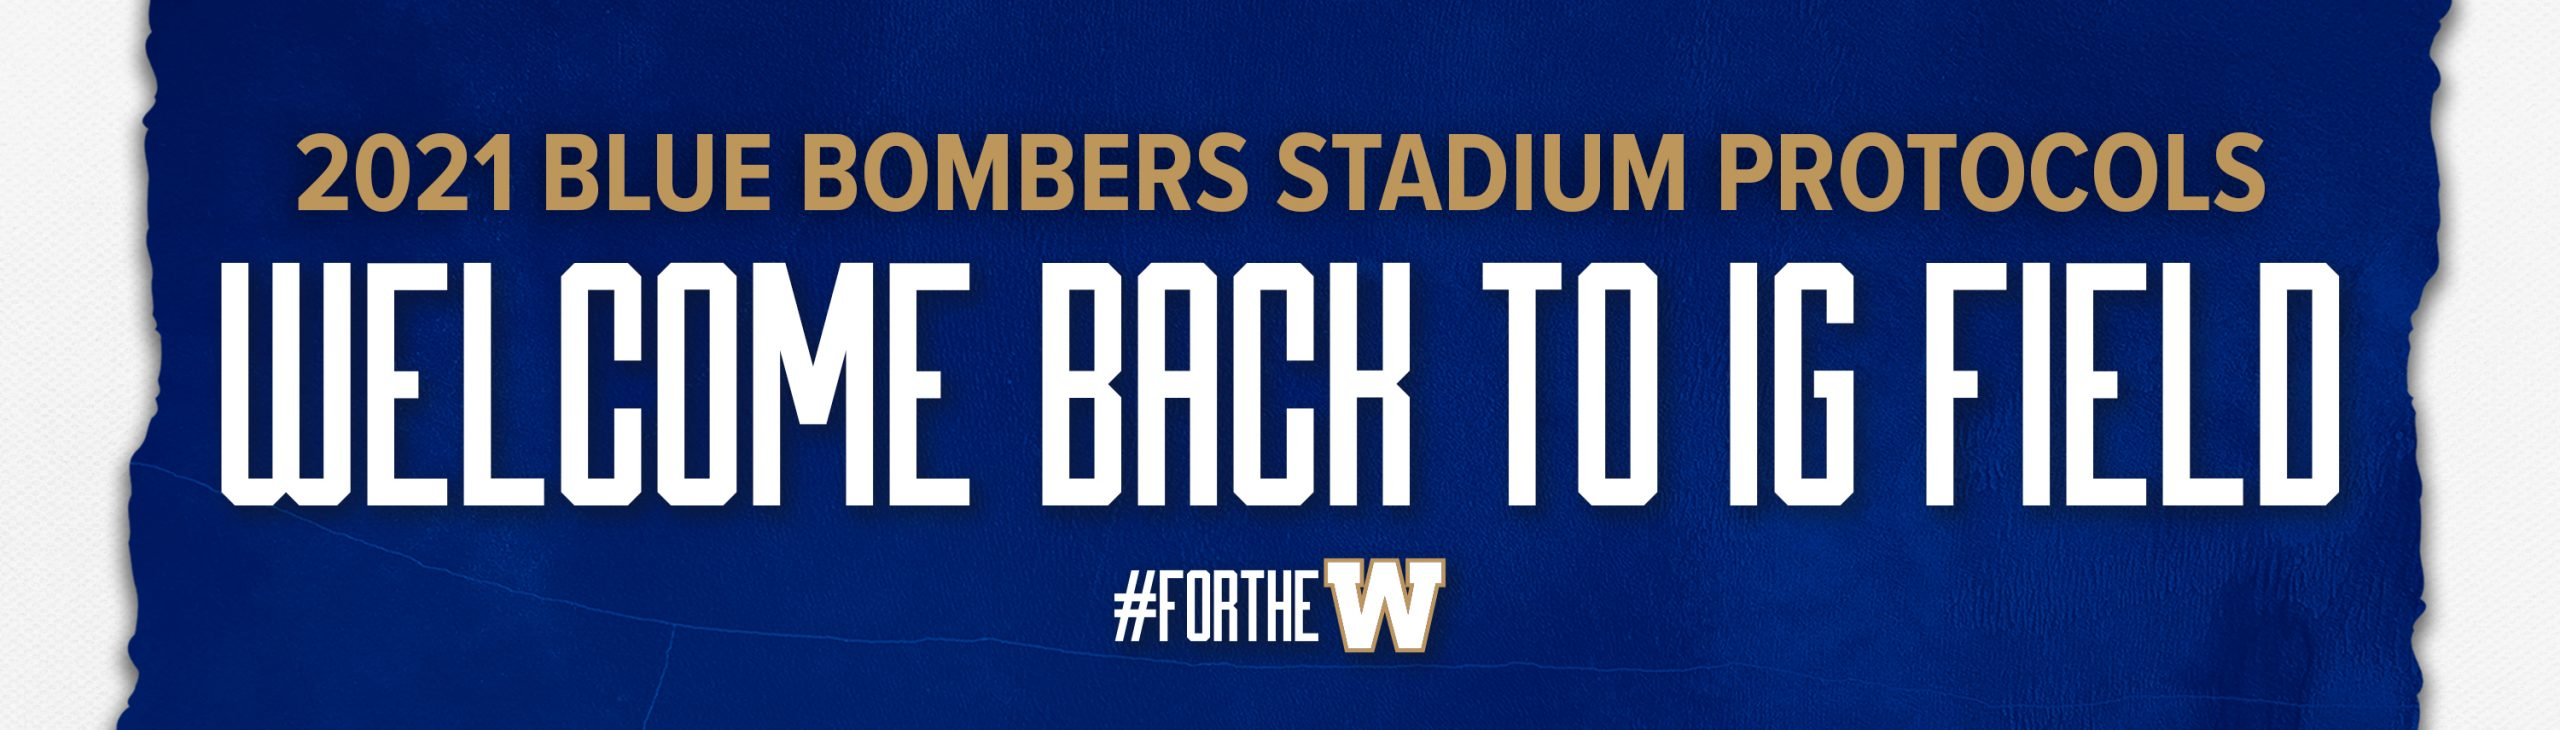 2021 Winnipeg Blue Bombers Stadium Protocols